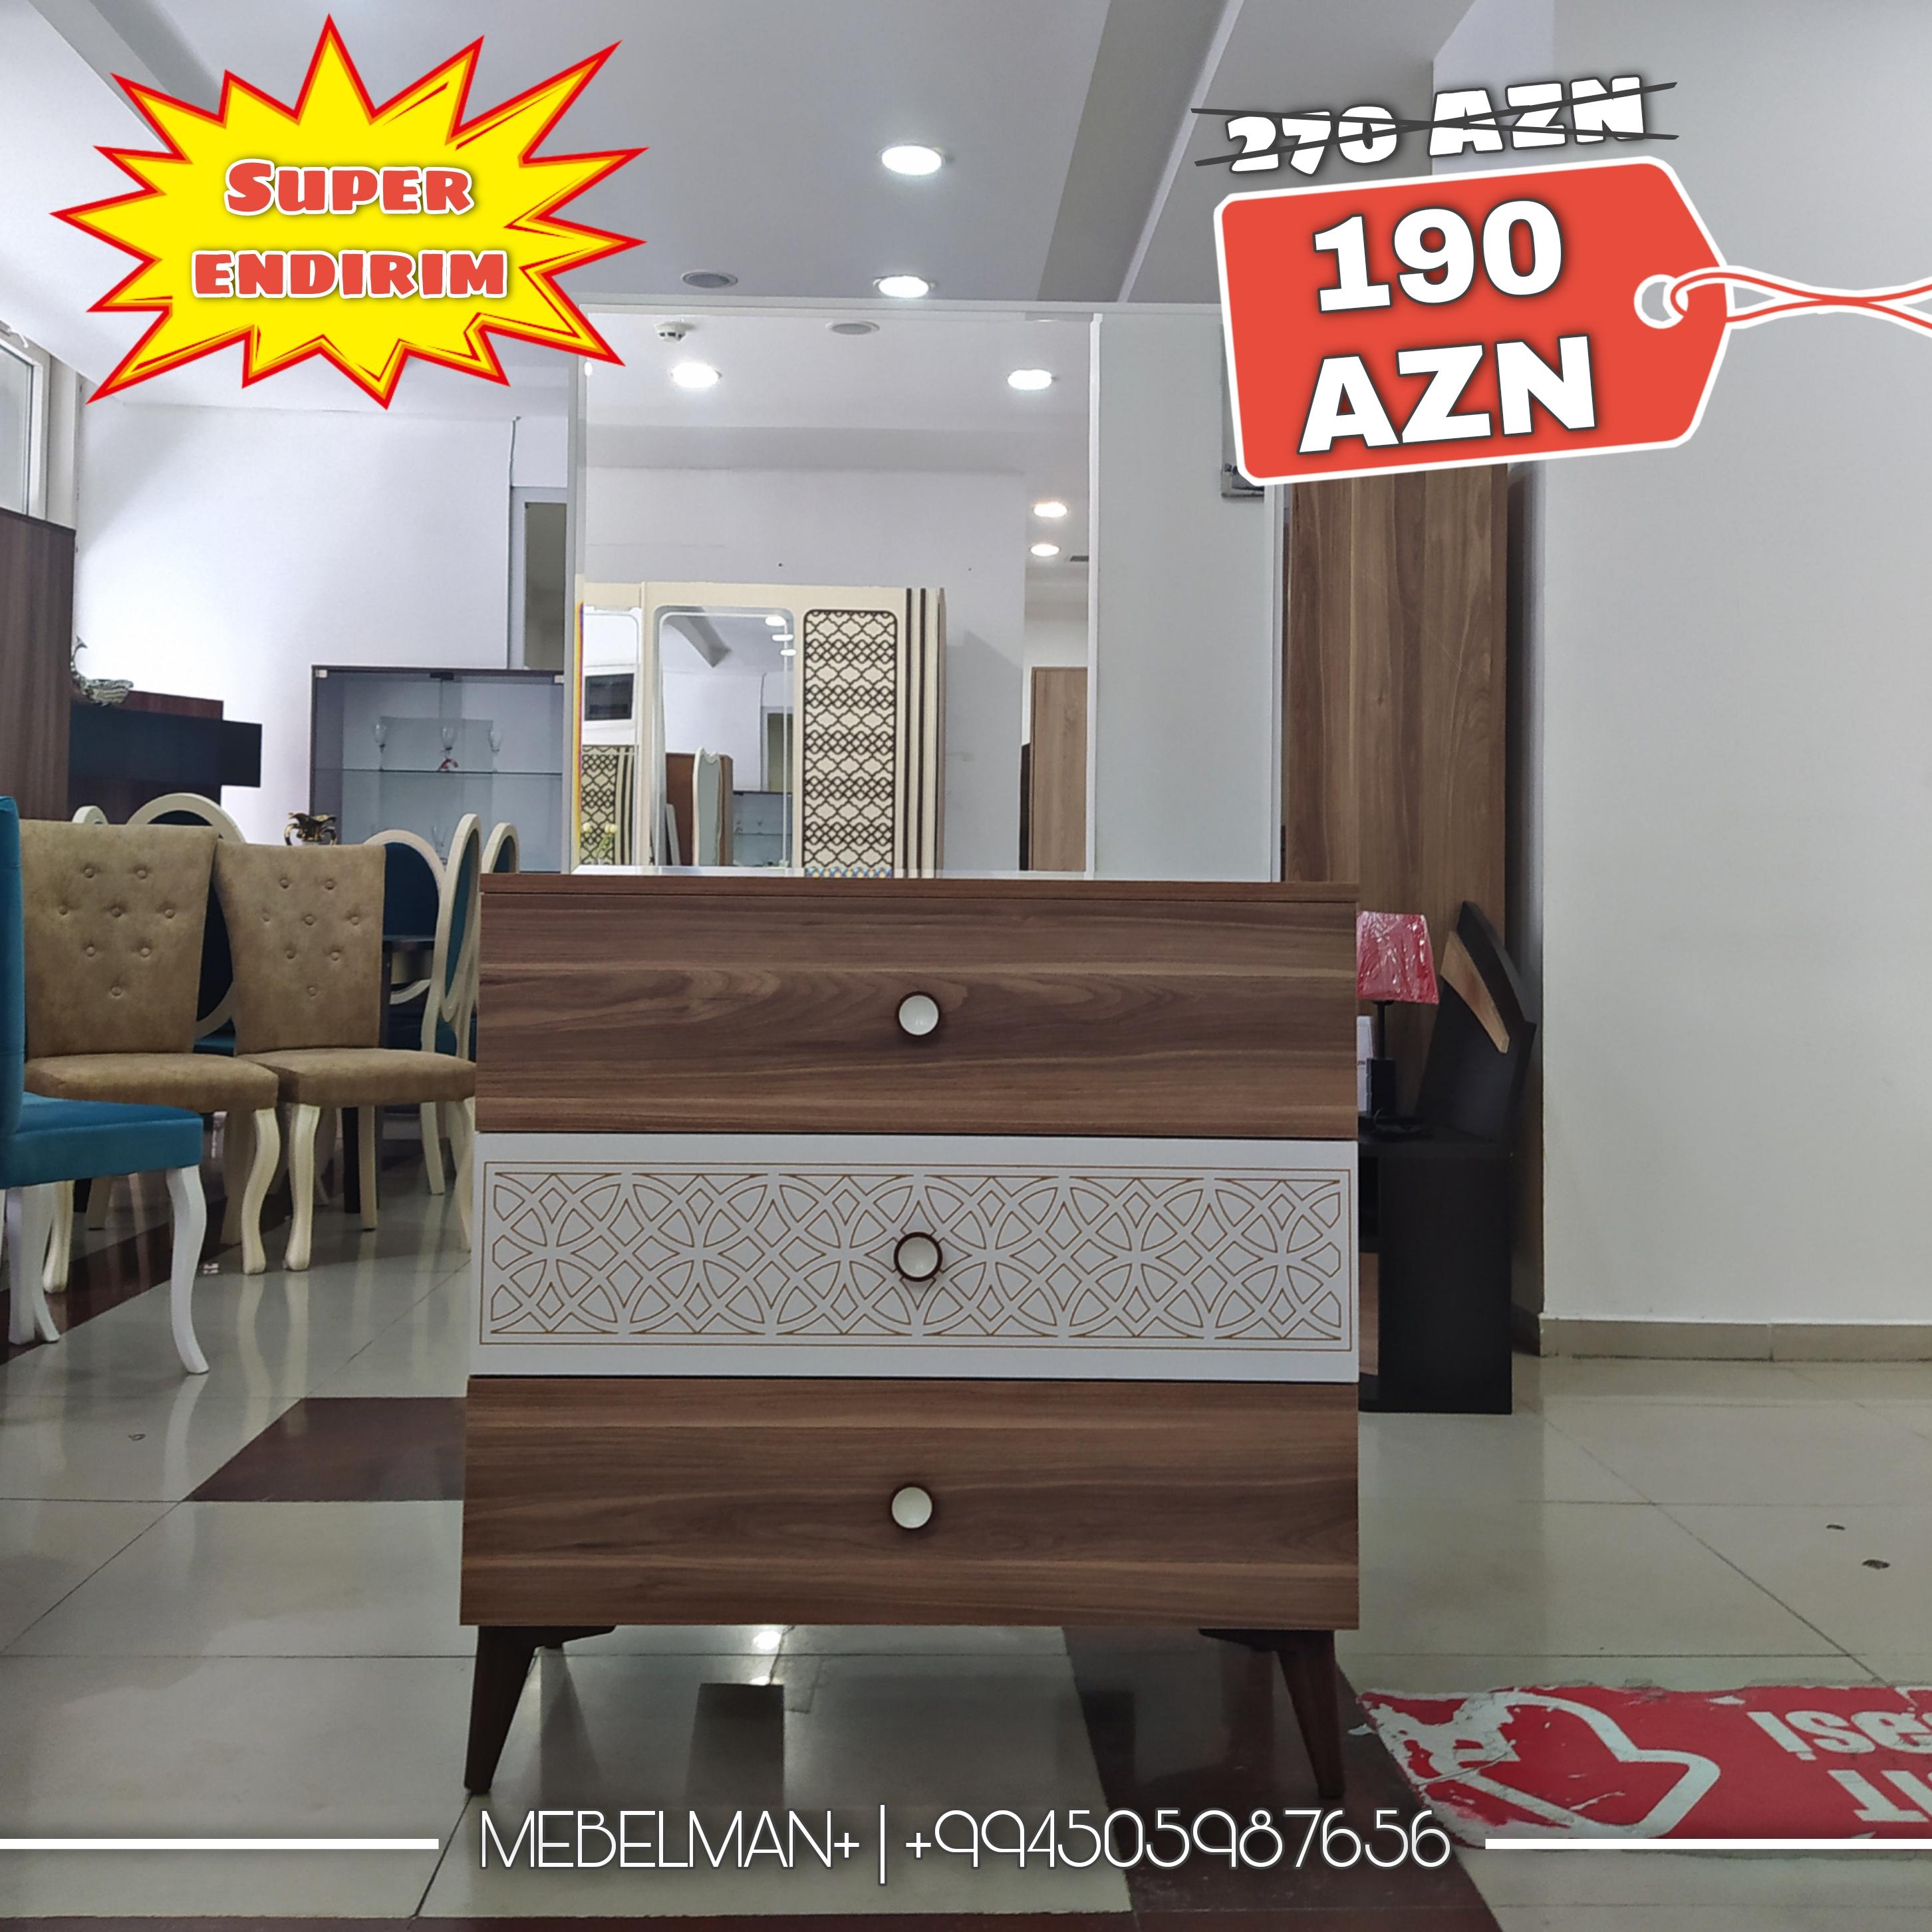 """3 siyirməli Termo """"Abşeron"""" super endirimlə. 270 AZN deyil"""